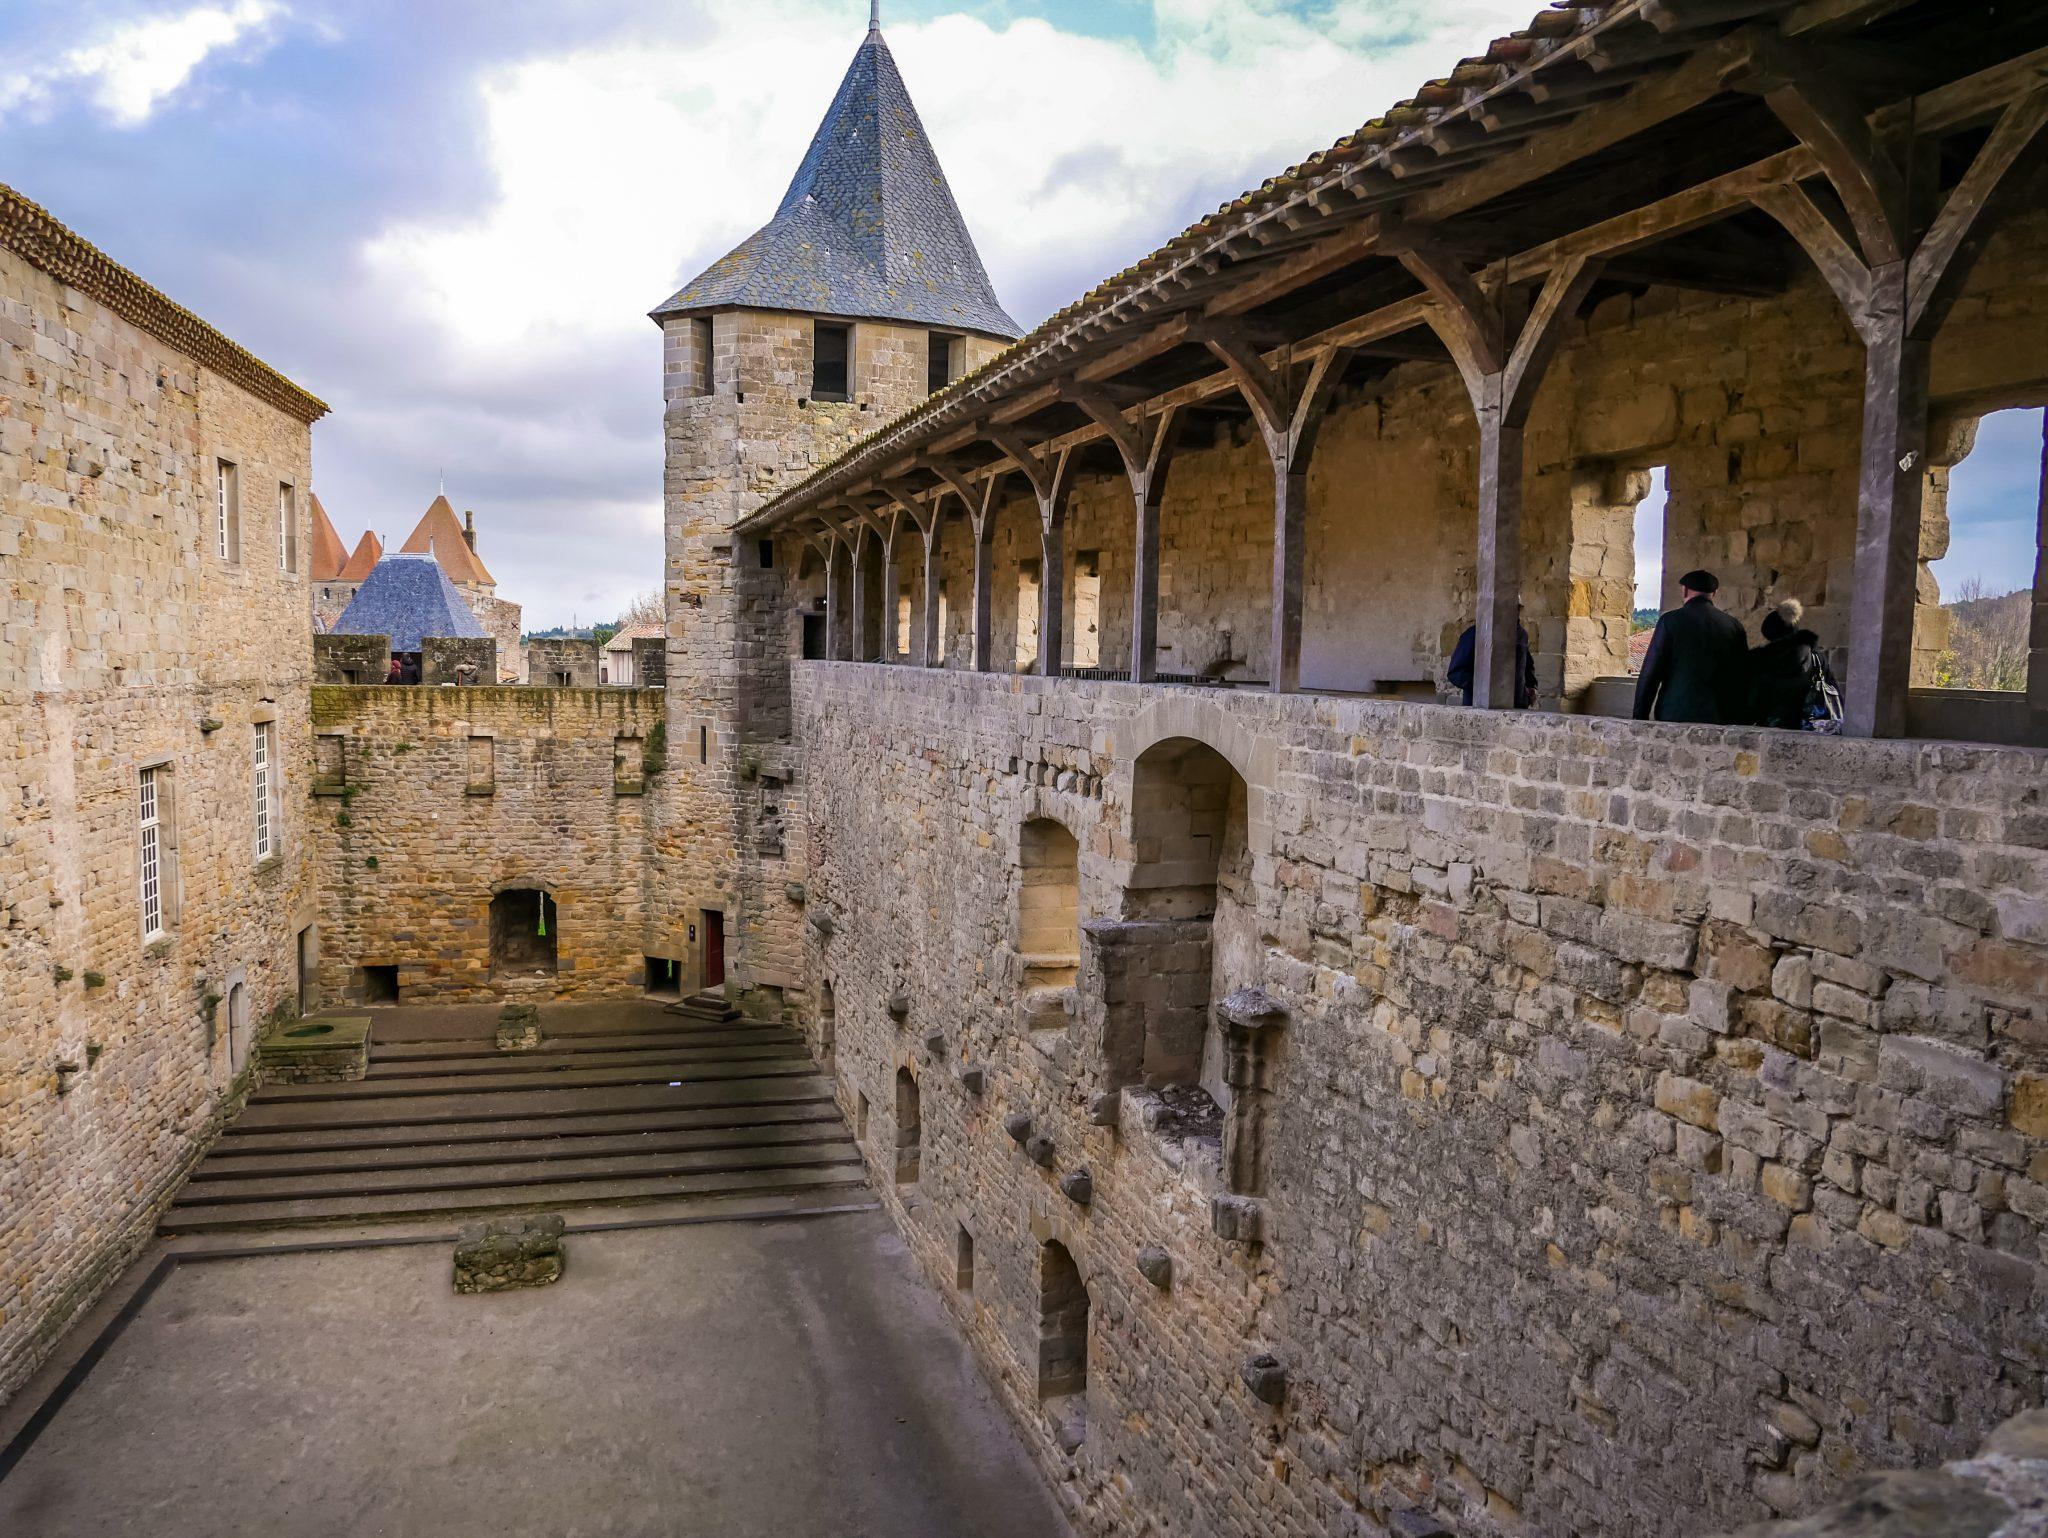 Das Schloss können EU-Bürger, welche unter 26 Jahren sind kostenlos besichtigen.